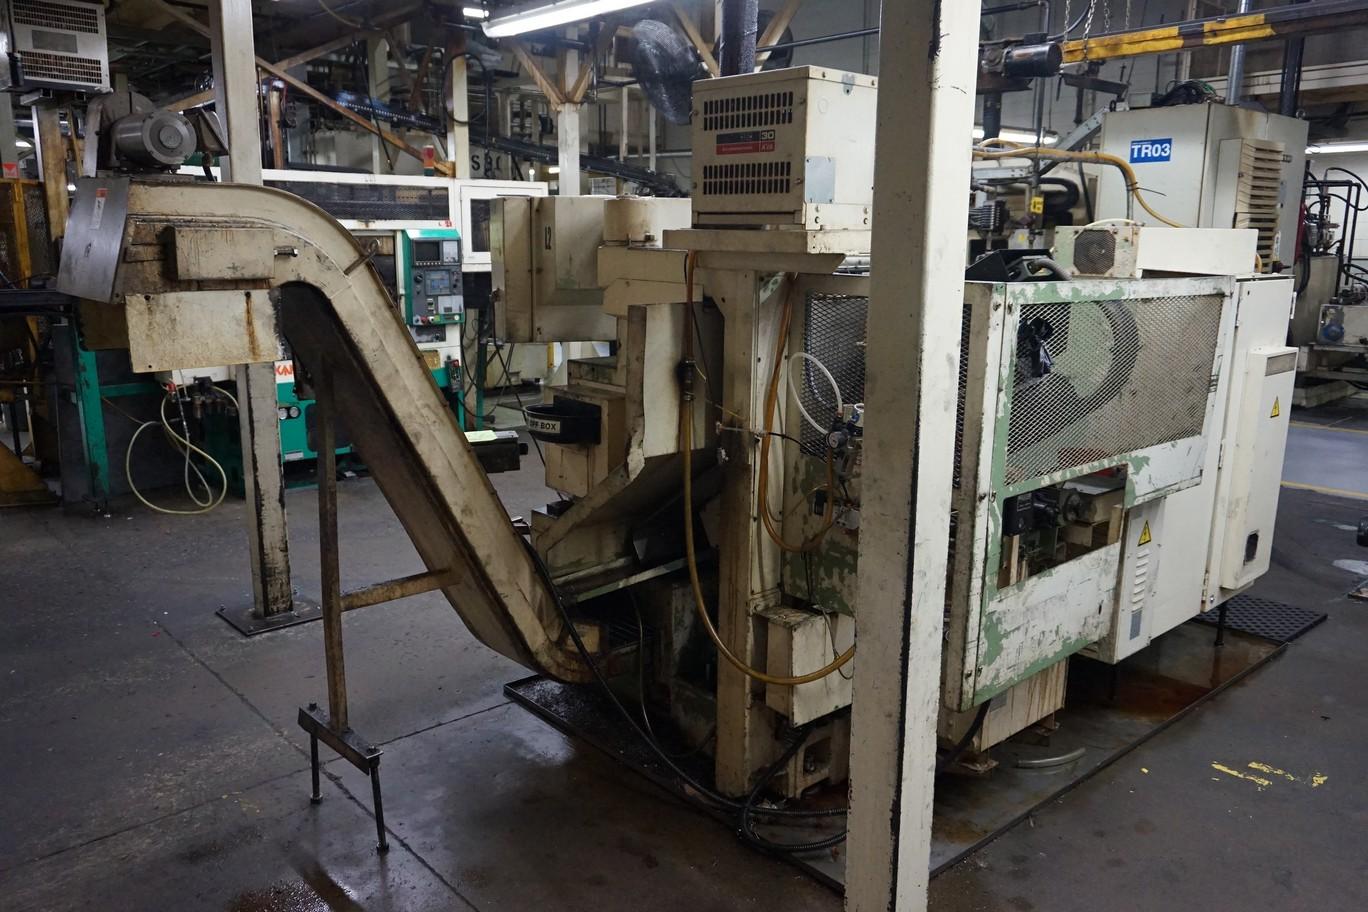 Okuma Model LB15 CNC Lathe 220/440V c/w Chip Conveyor, Transformer - Image 3 of 4